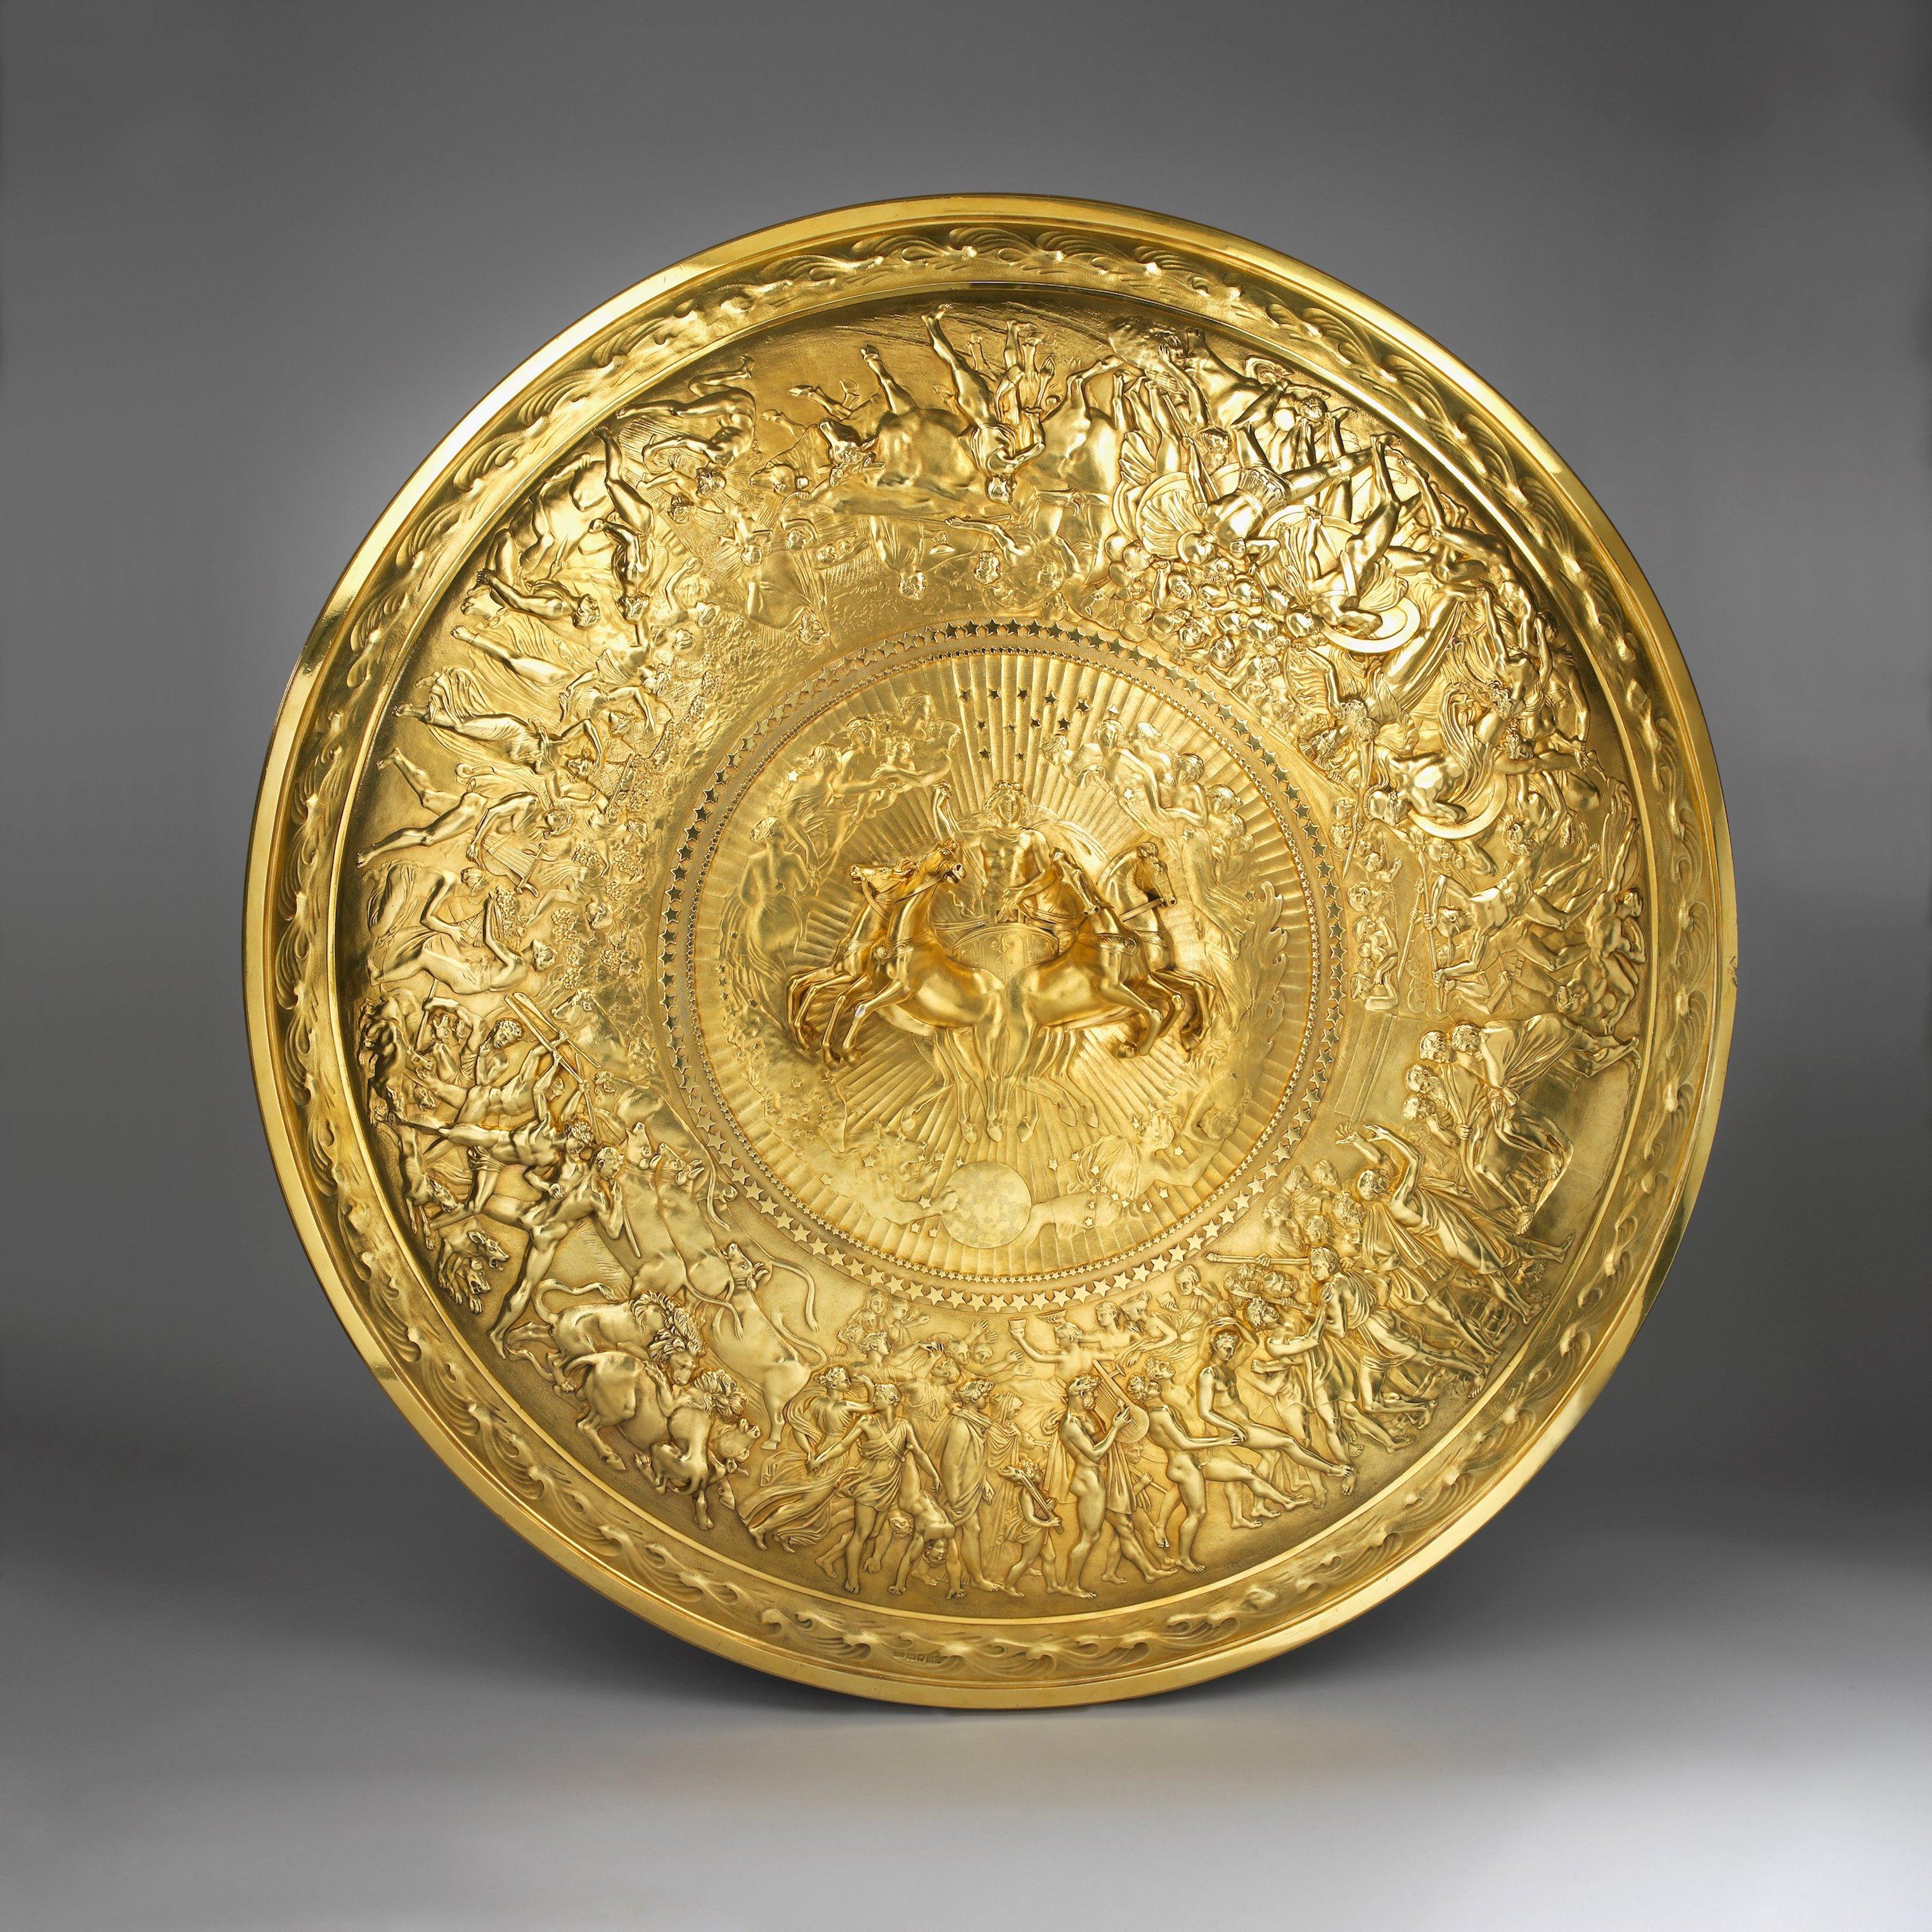 """Glänzend gewappnet Das wertvollste Objekt bei Koopman Rare Art ist ein spektakulärer vergoldeter Silberschild aus der Zeit des Regency für 5 Millionen Pfund. 1817 modellierte und zeichnete der britische Bildhauer John Flaxman die Szenen aus Homers """"Ilias"""